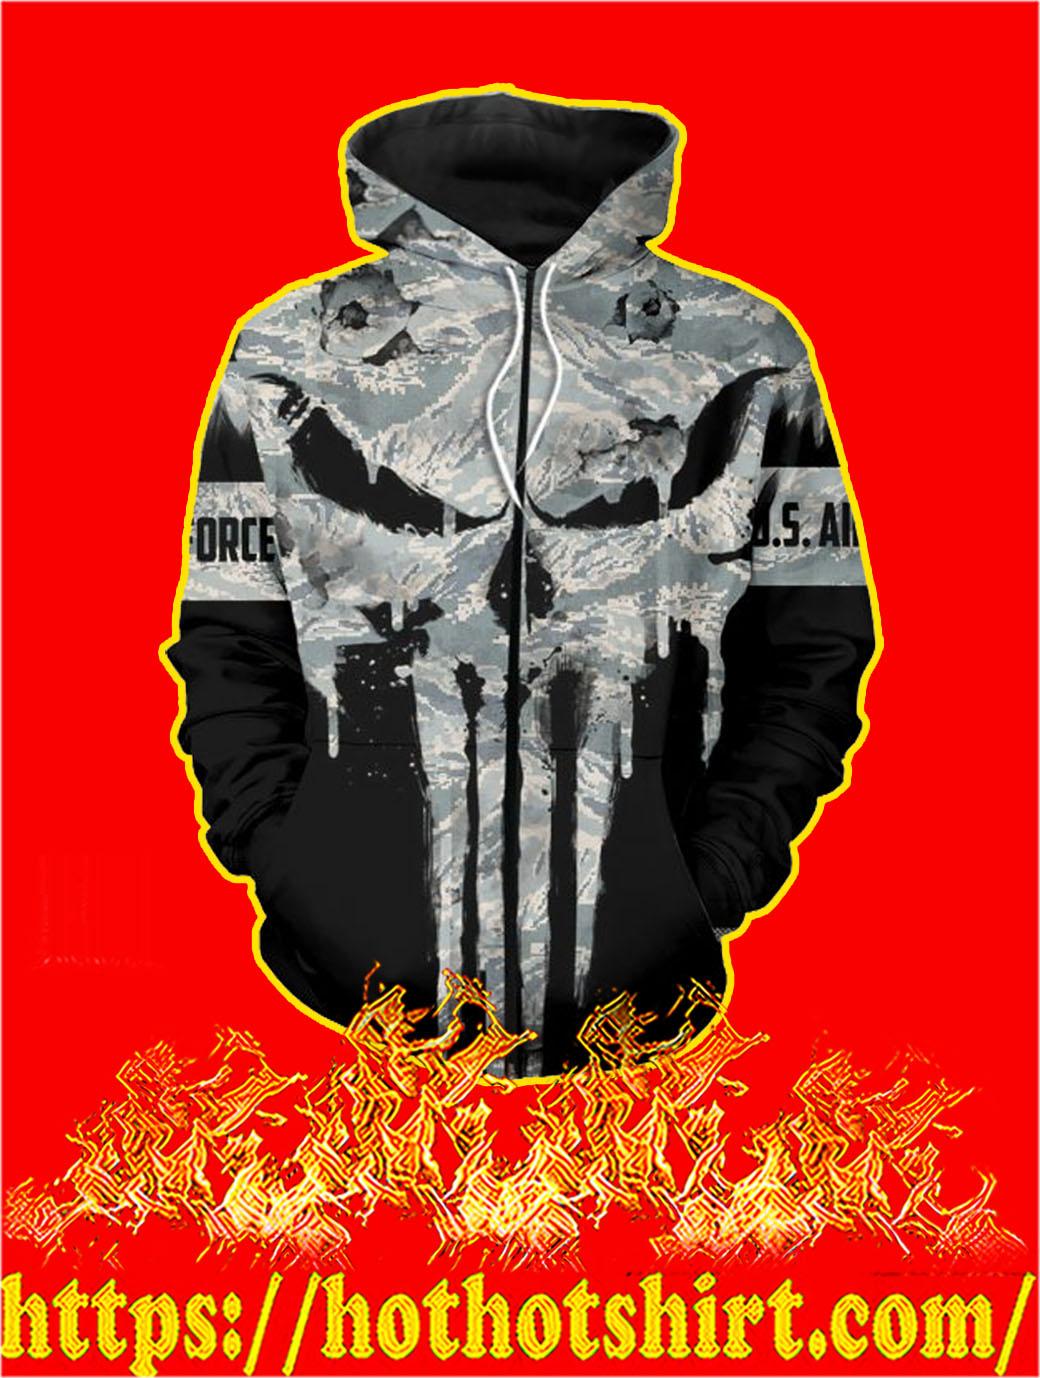 U.S Air Force Punisher Skull 3D Printed Zip Hoodie